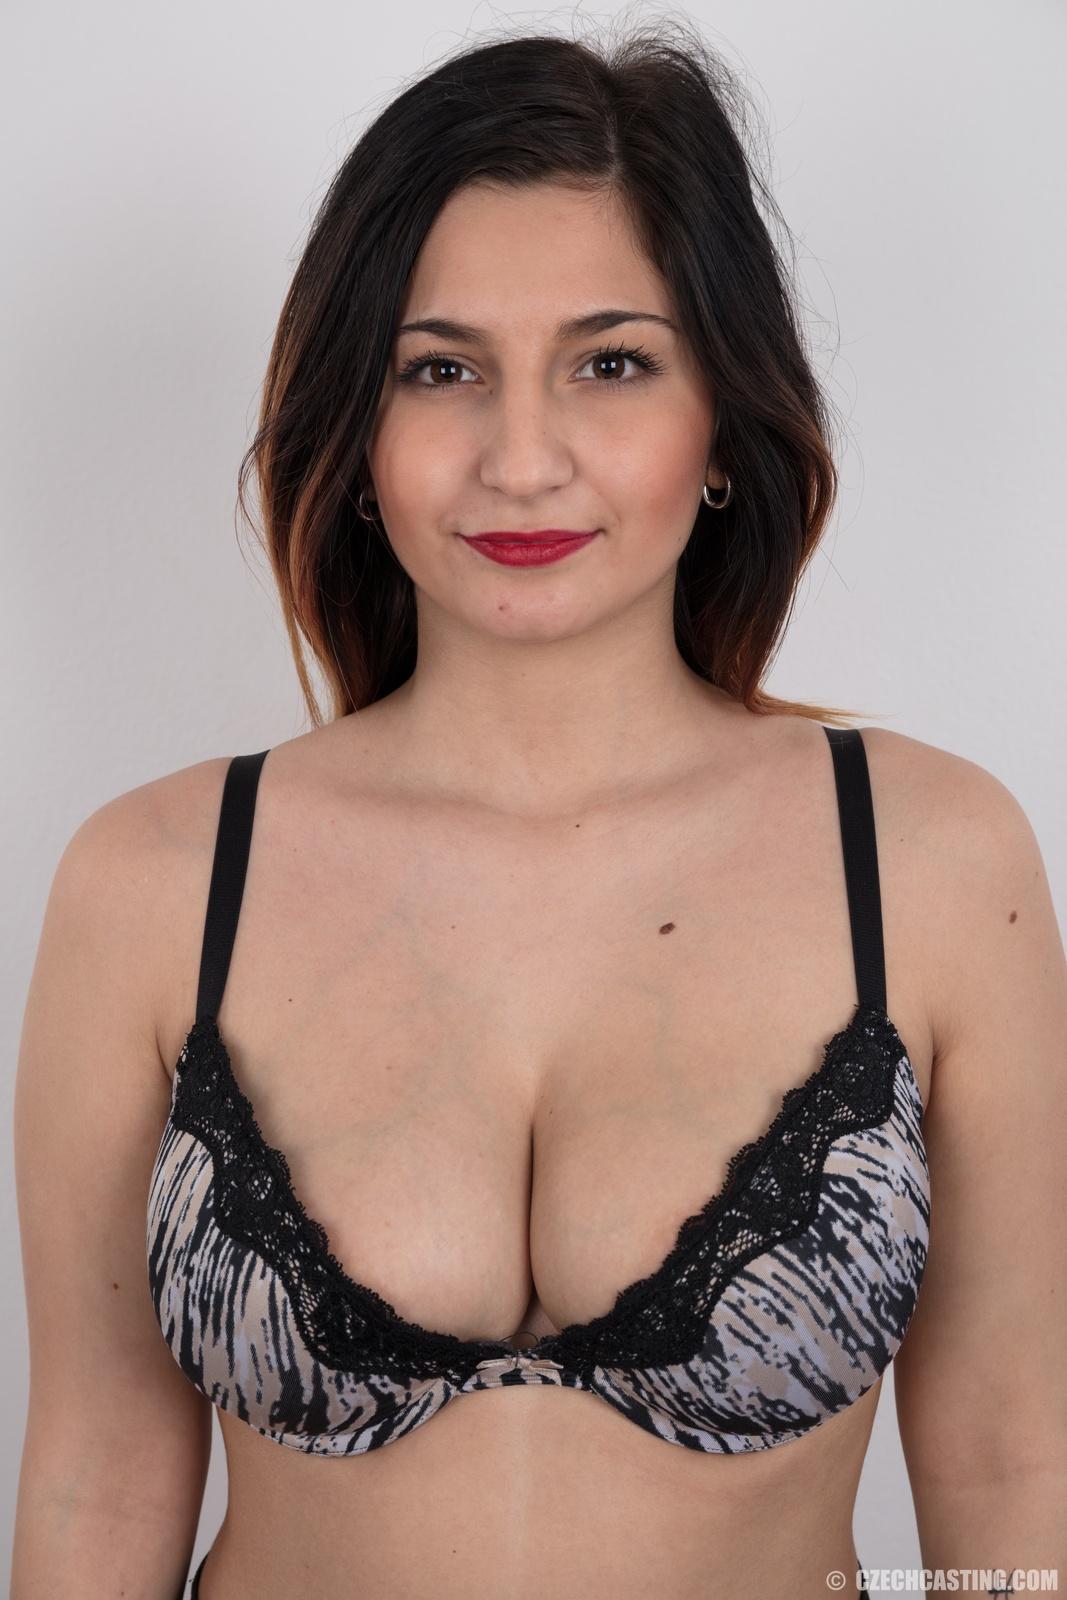 Russian nudist video